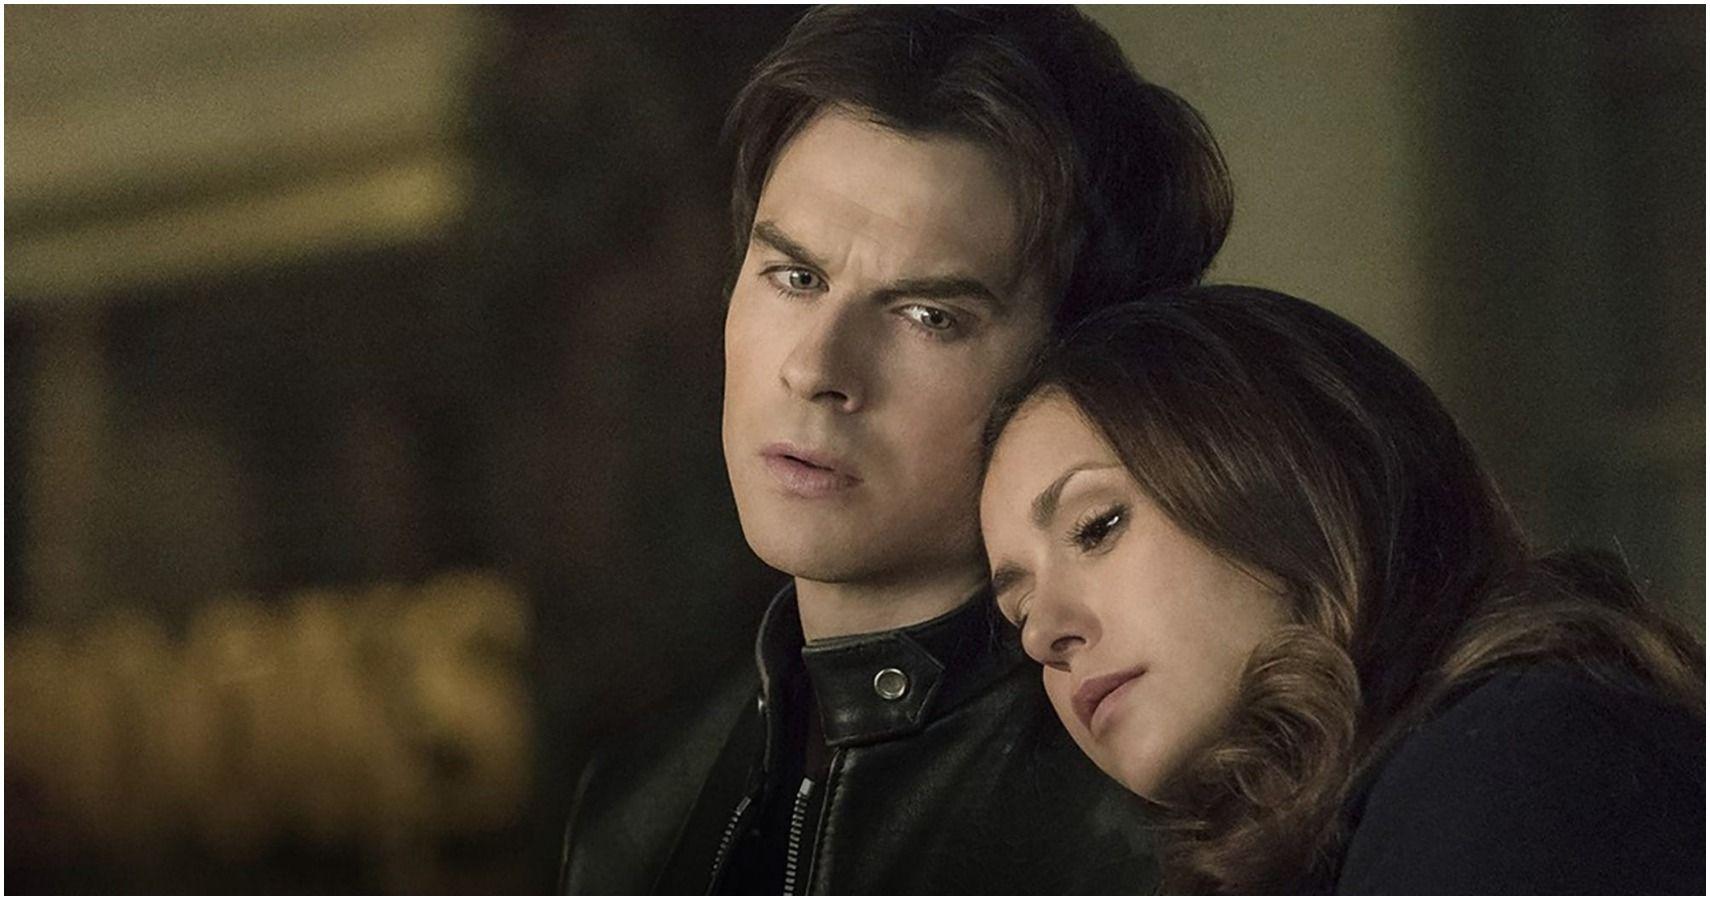 He Vampire Diaries